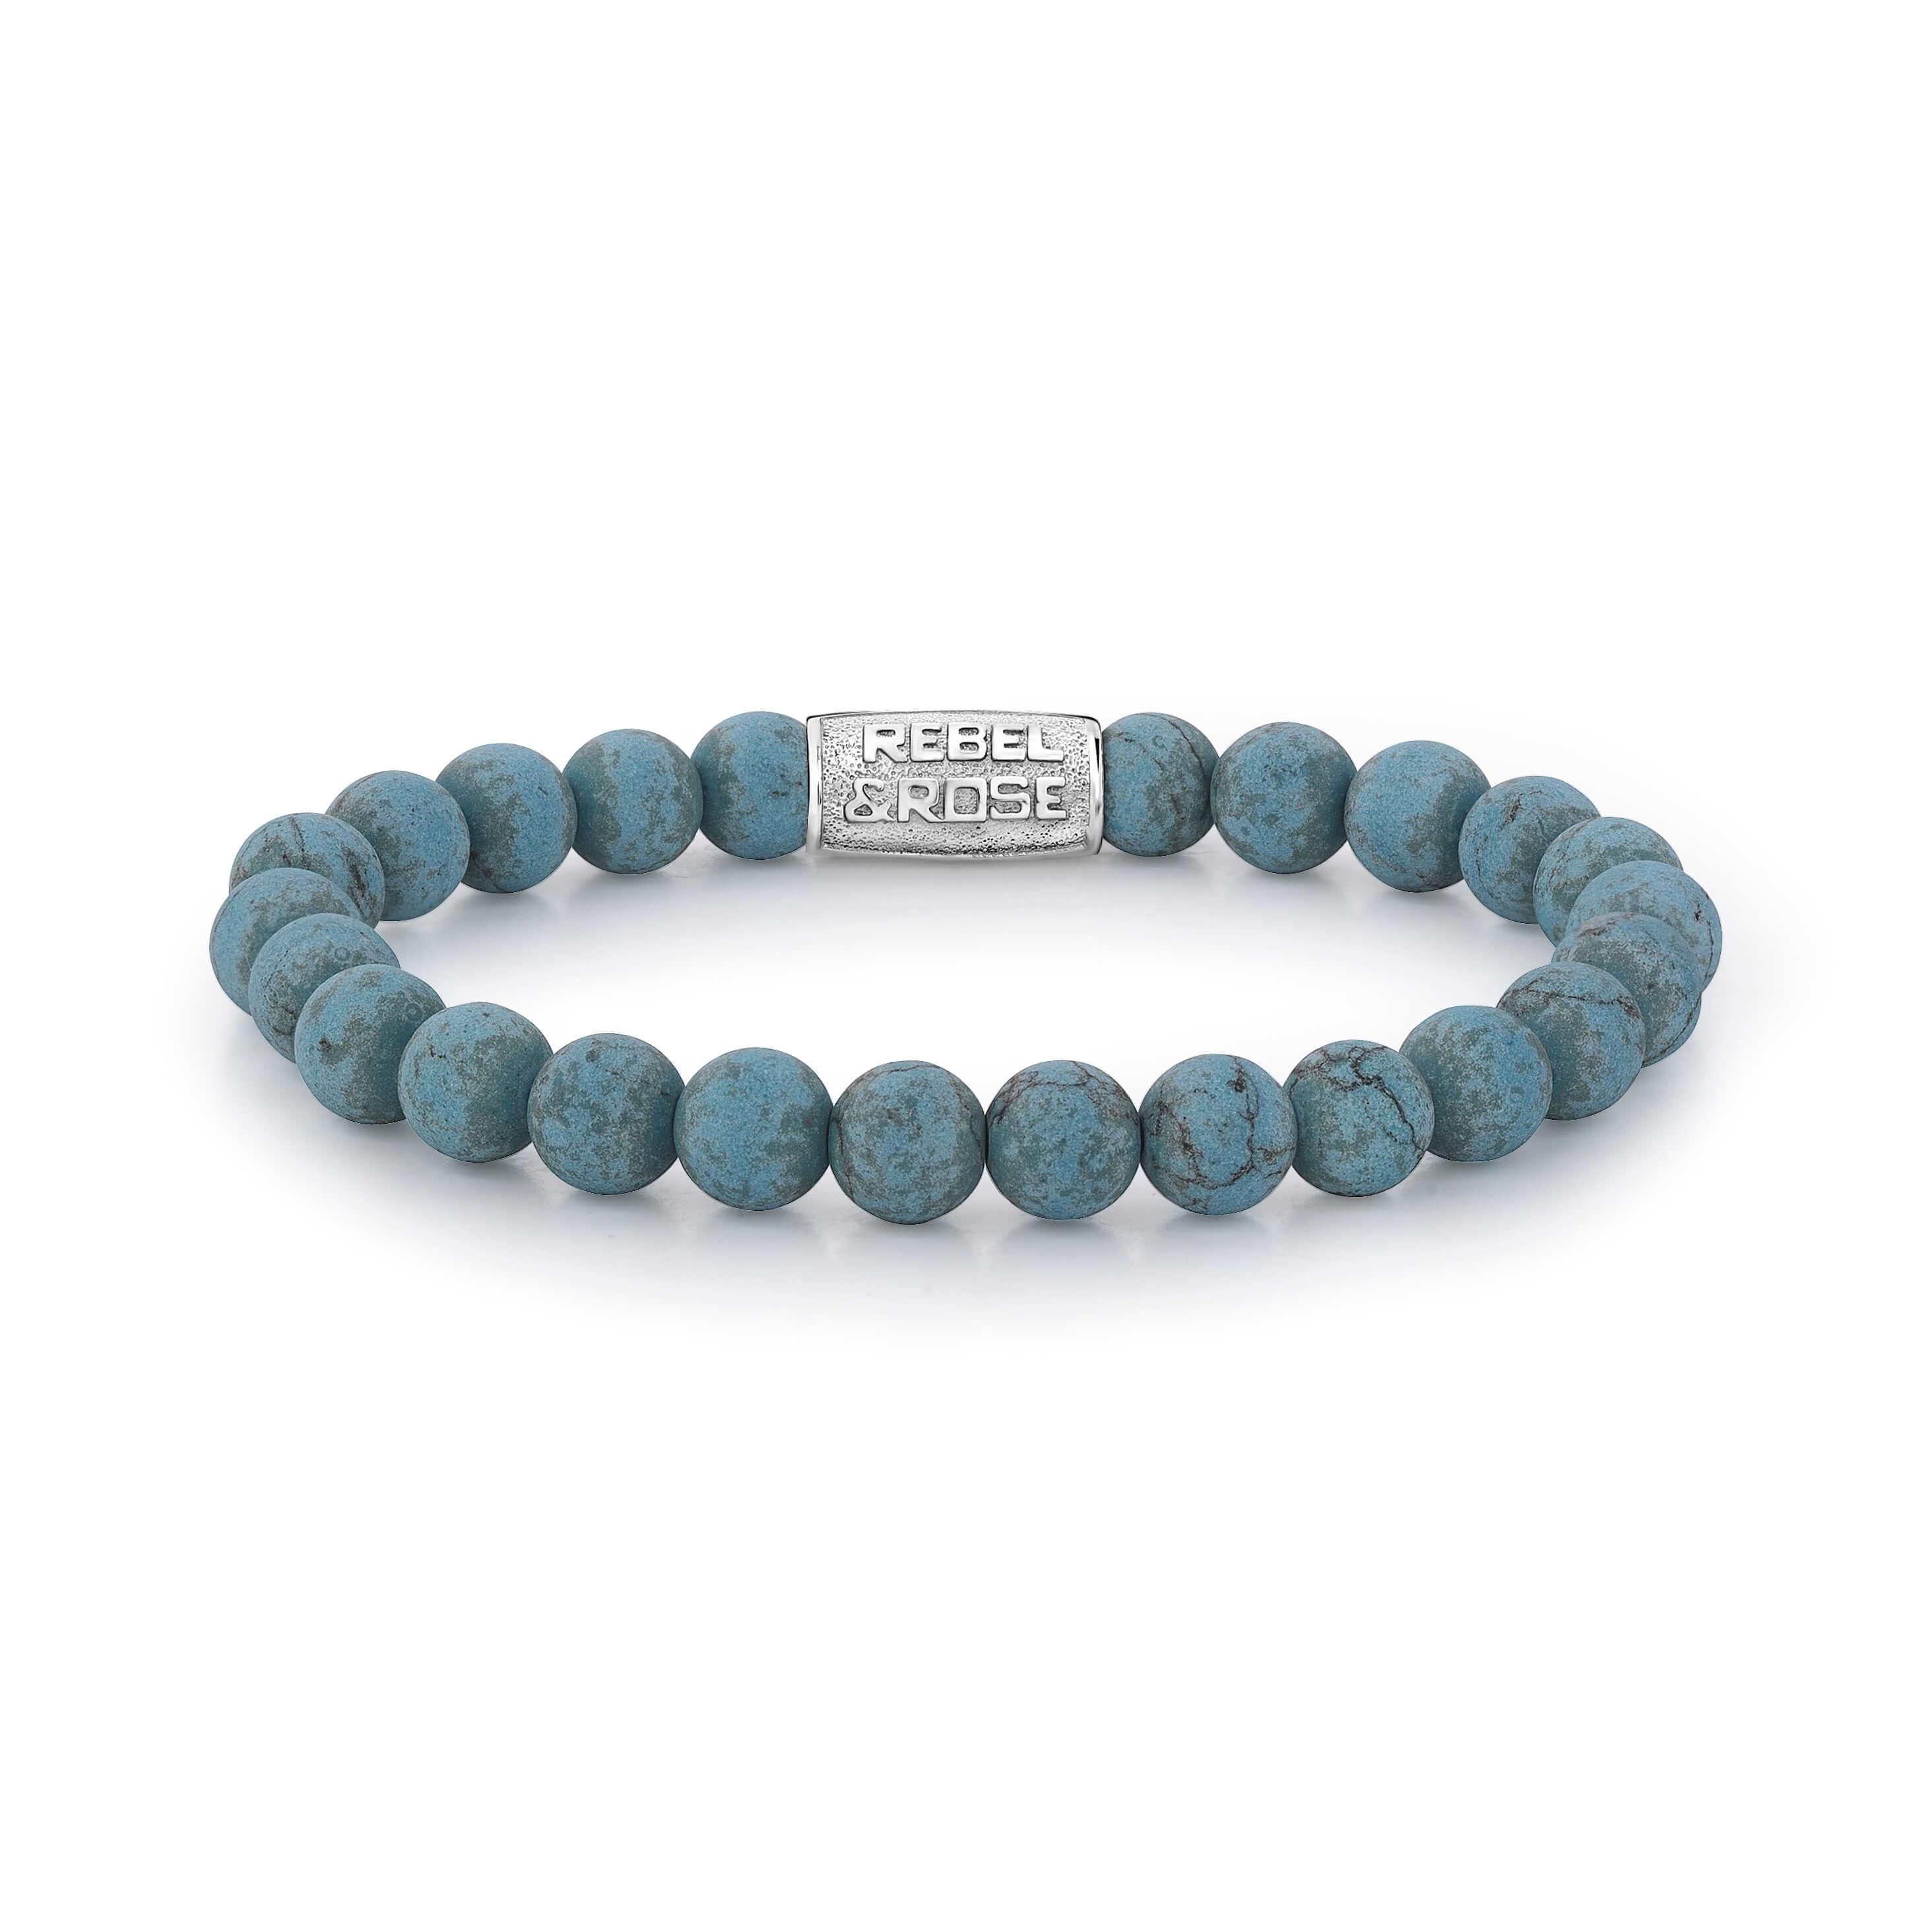 Bracelet Mad Turquoise Delight 8mm - Rebel & Rose